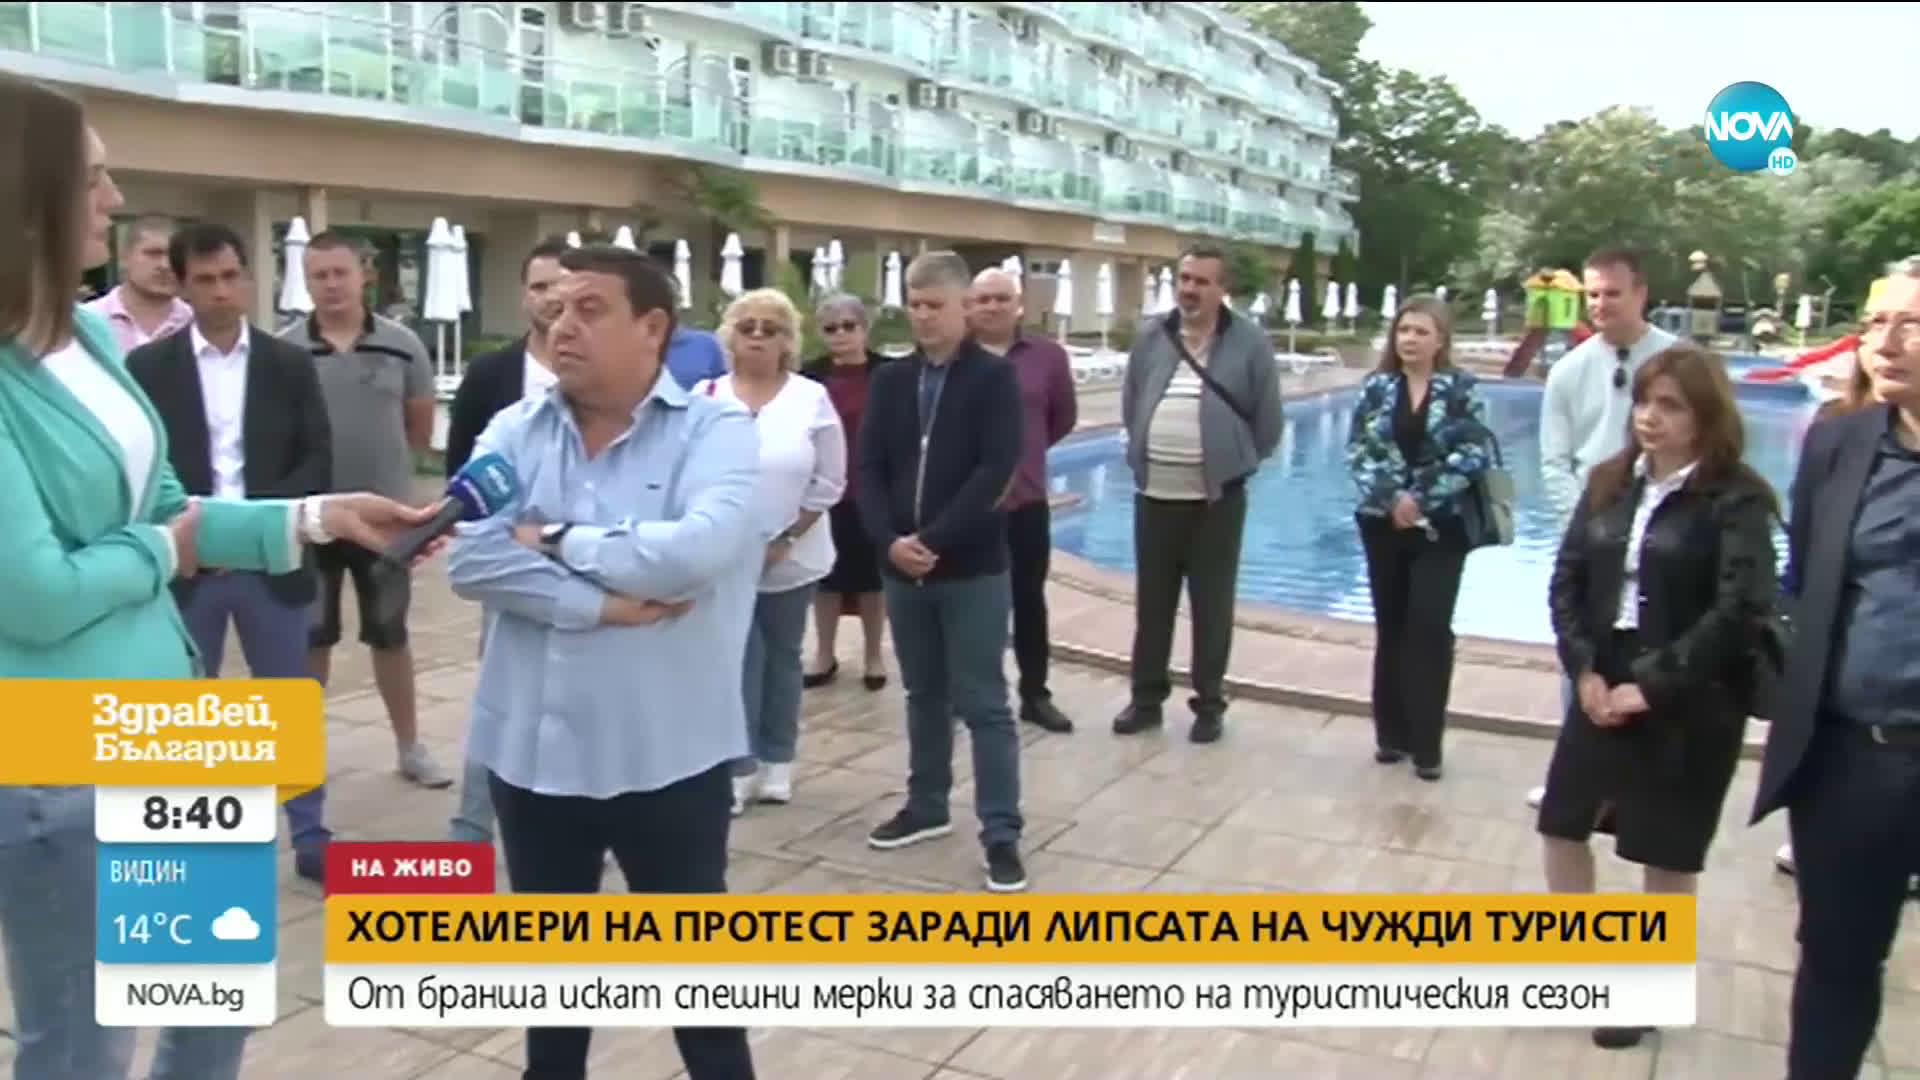 Хотелиери заплашват с протест заради липсата на чужди туристи